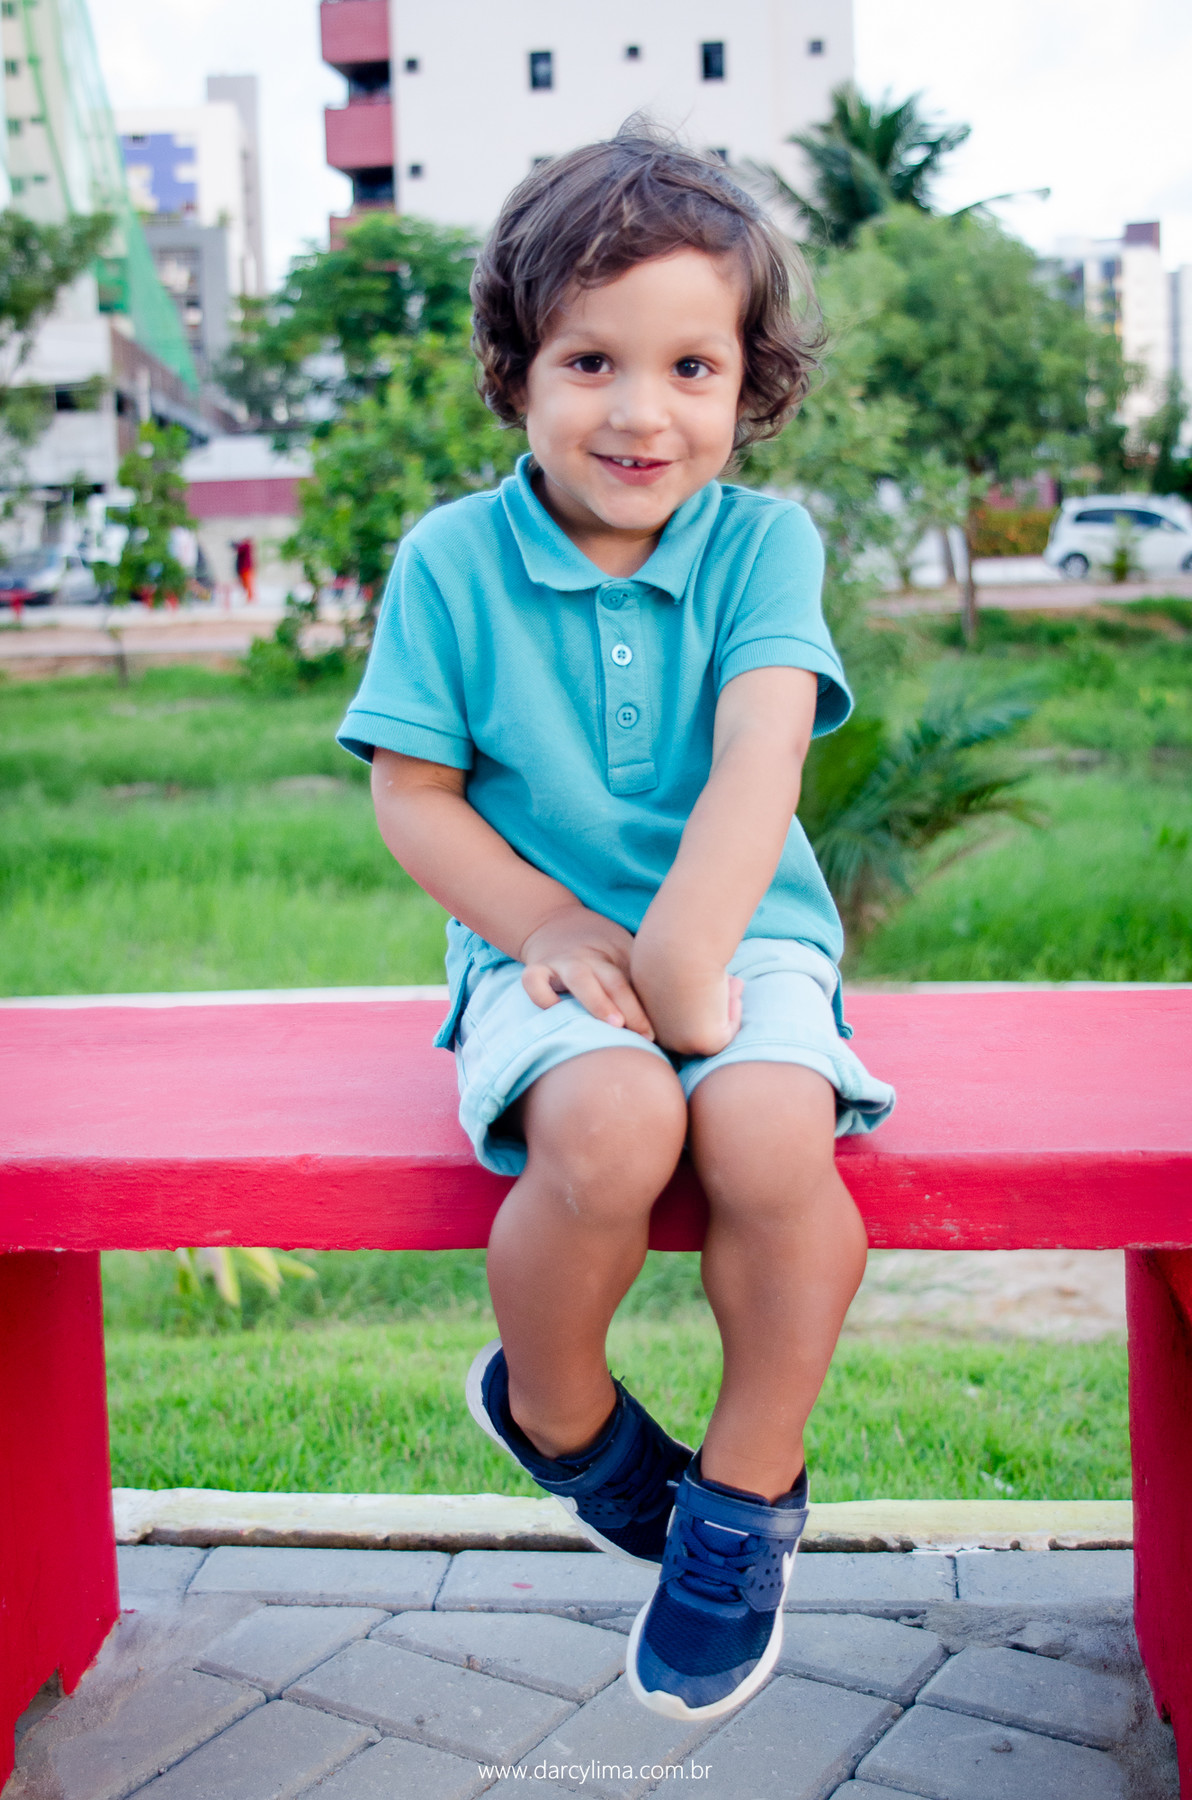 retrato de criança no parque